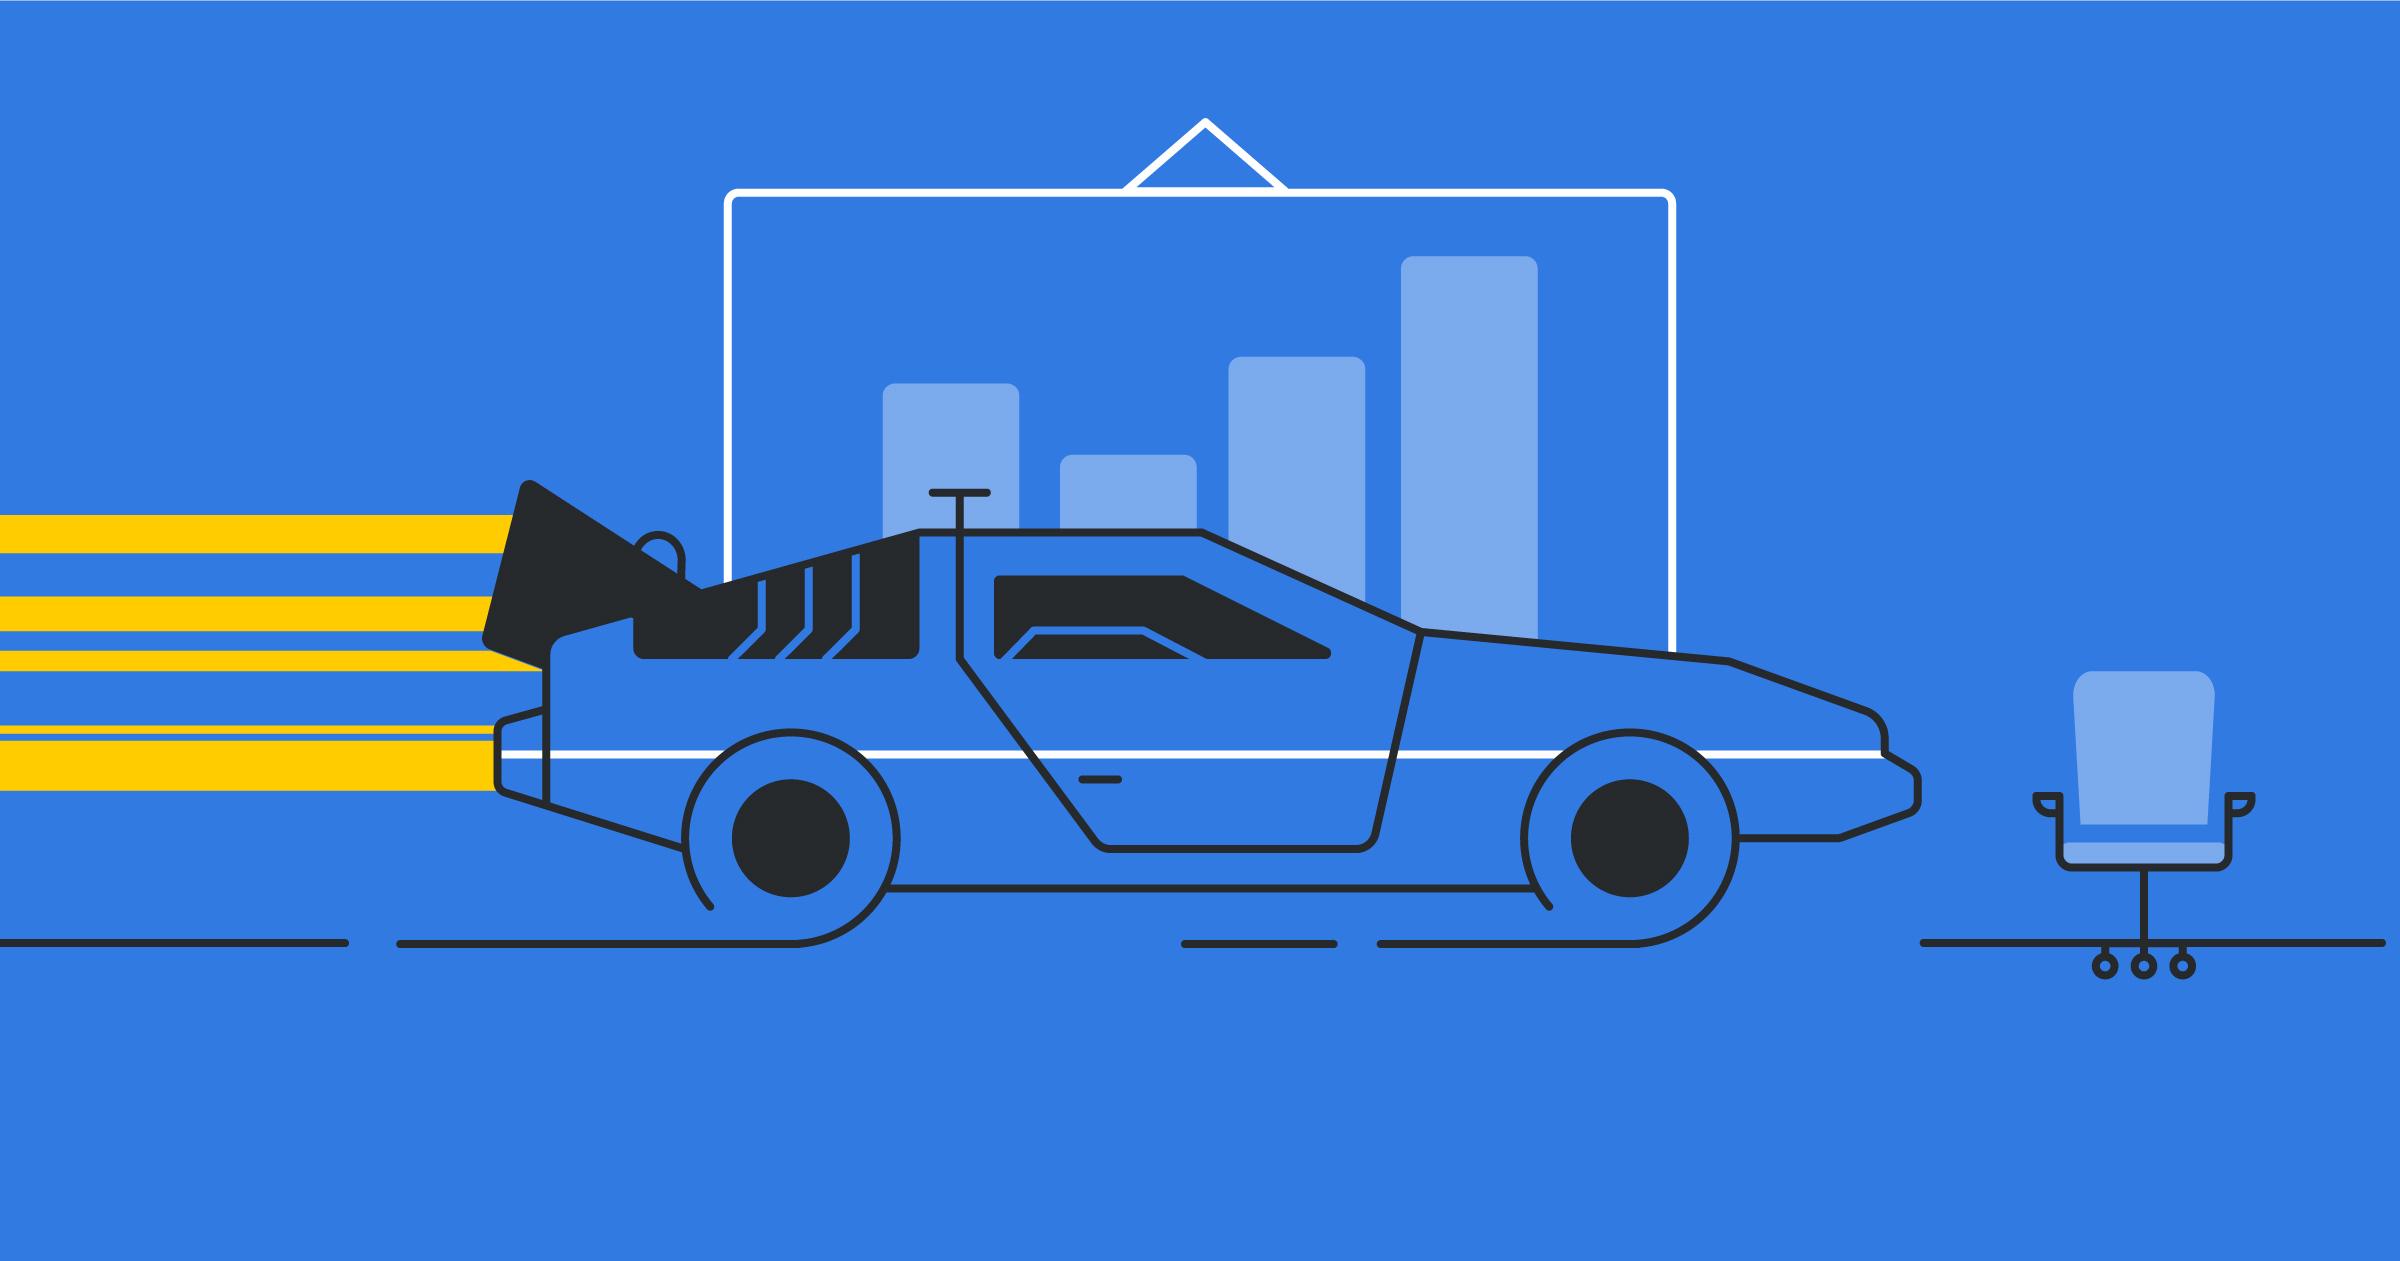 Carro deportivo modelo Delorean cruzando una pista en forma de embudo de ventas